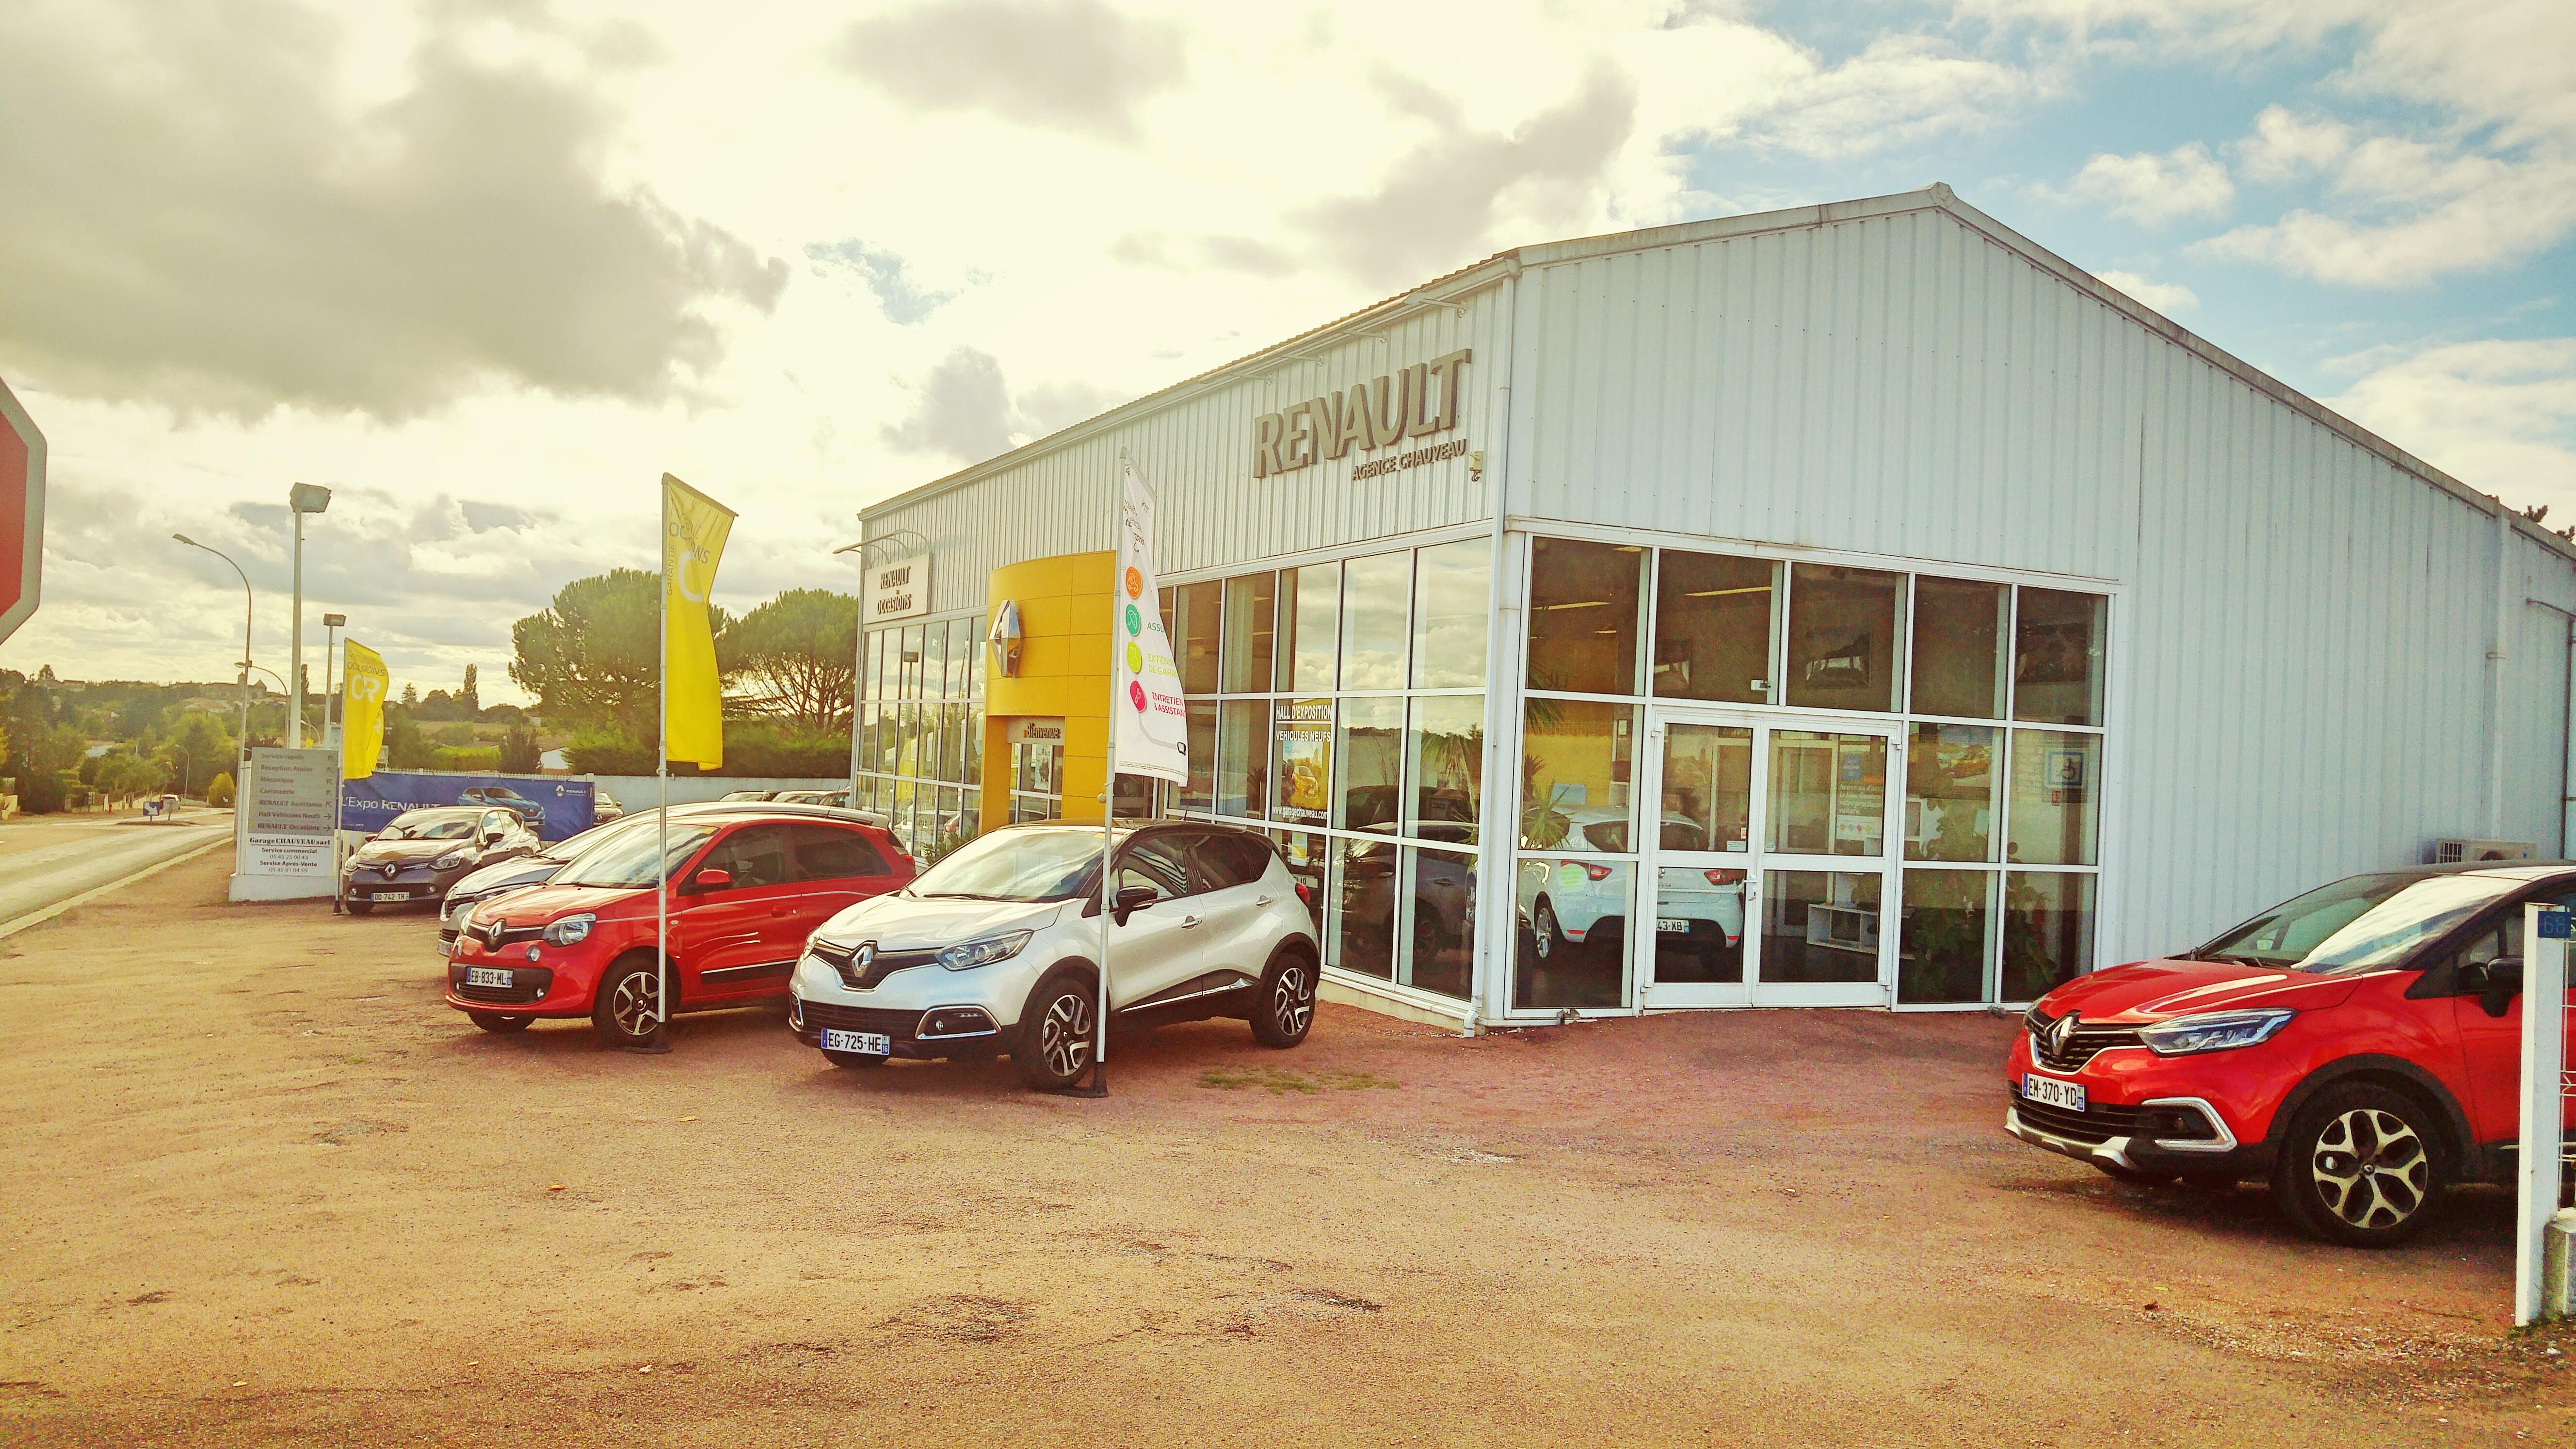 Garage chauveau renault voiture occasion fleac vente for Garage renault orleans occasion